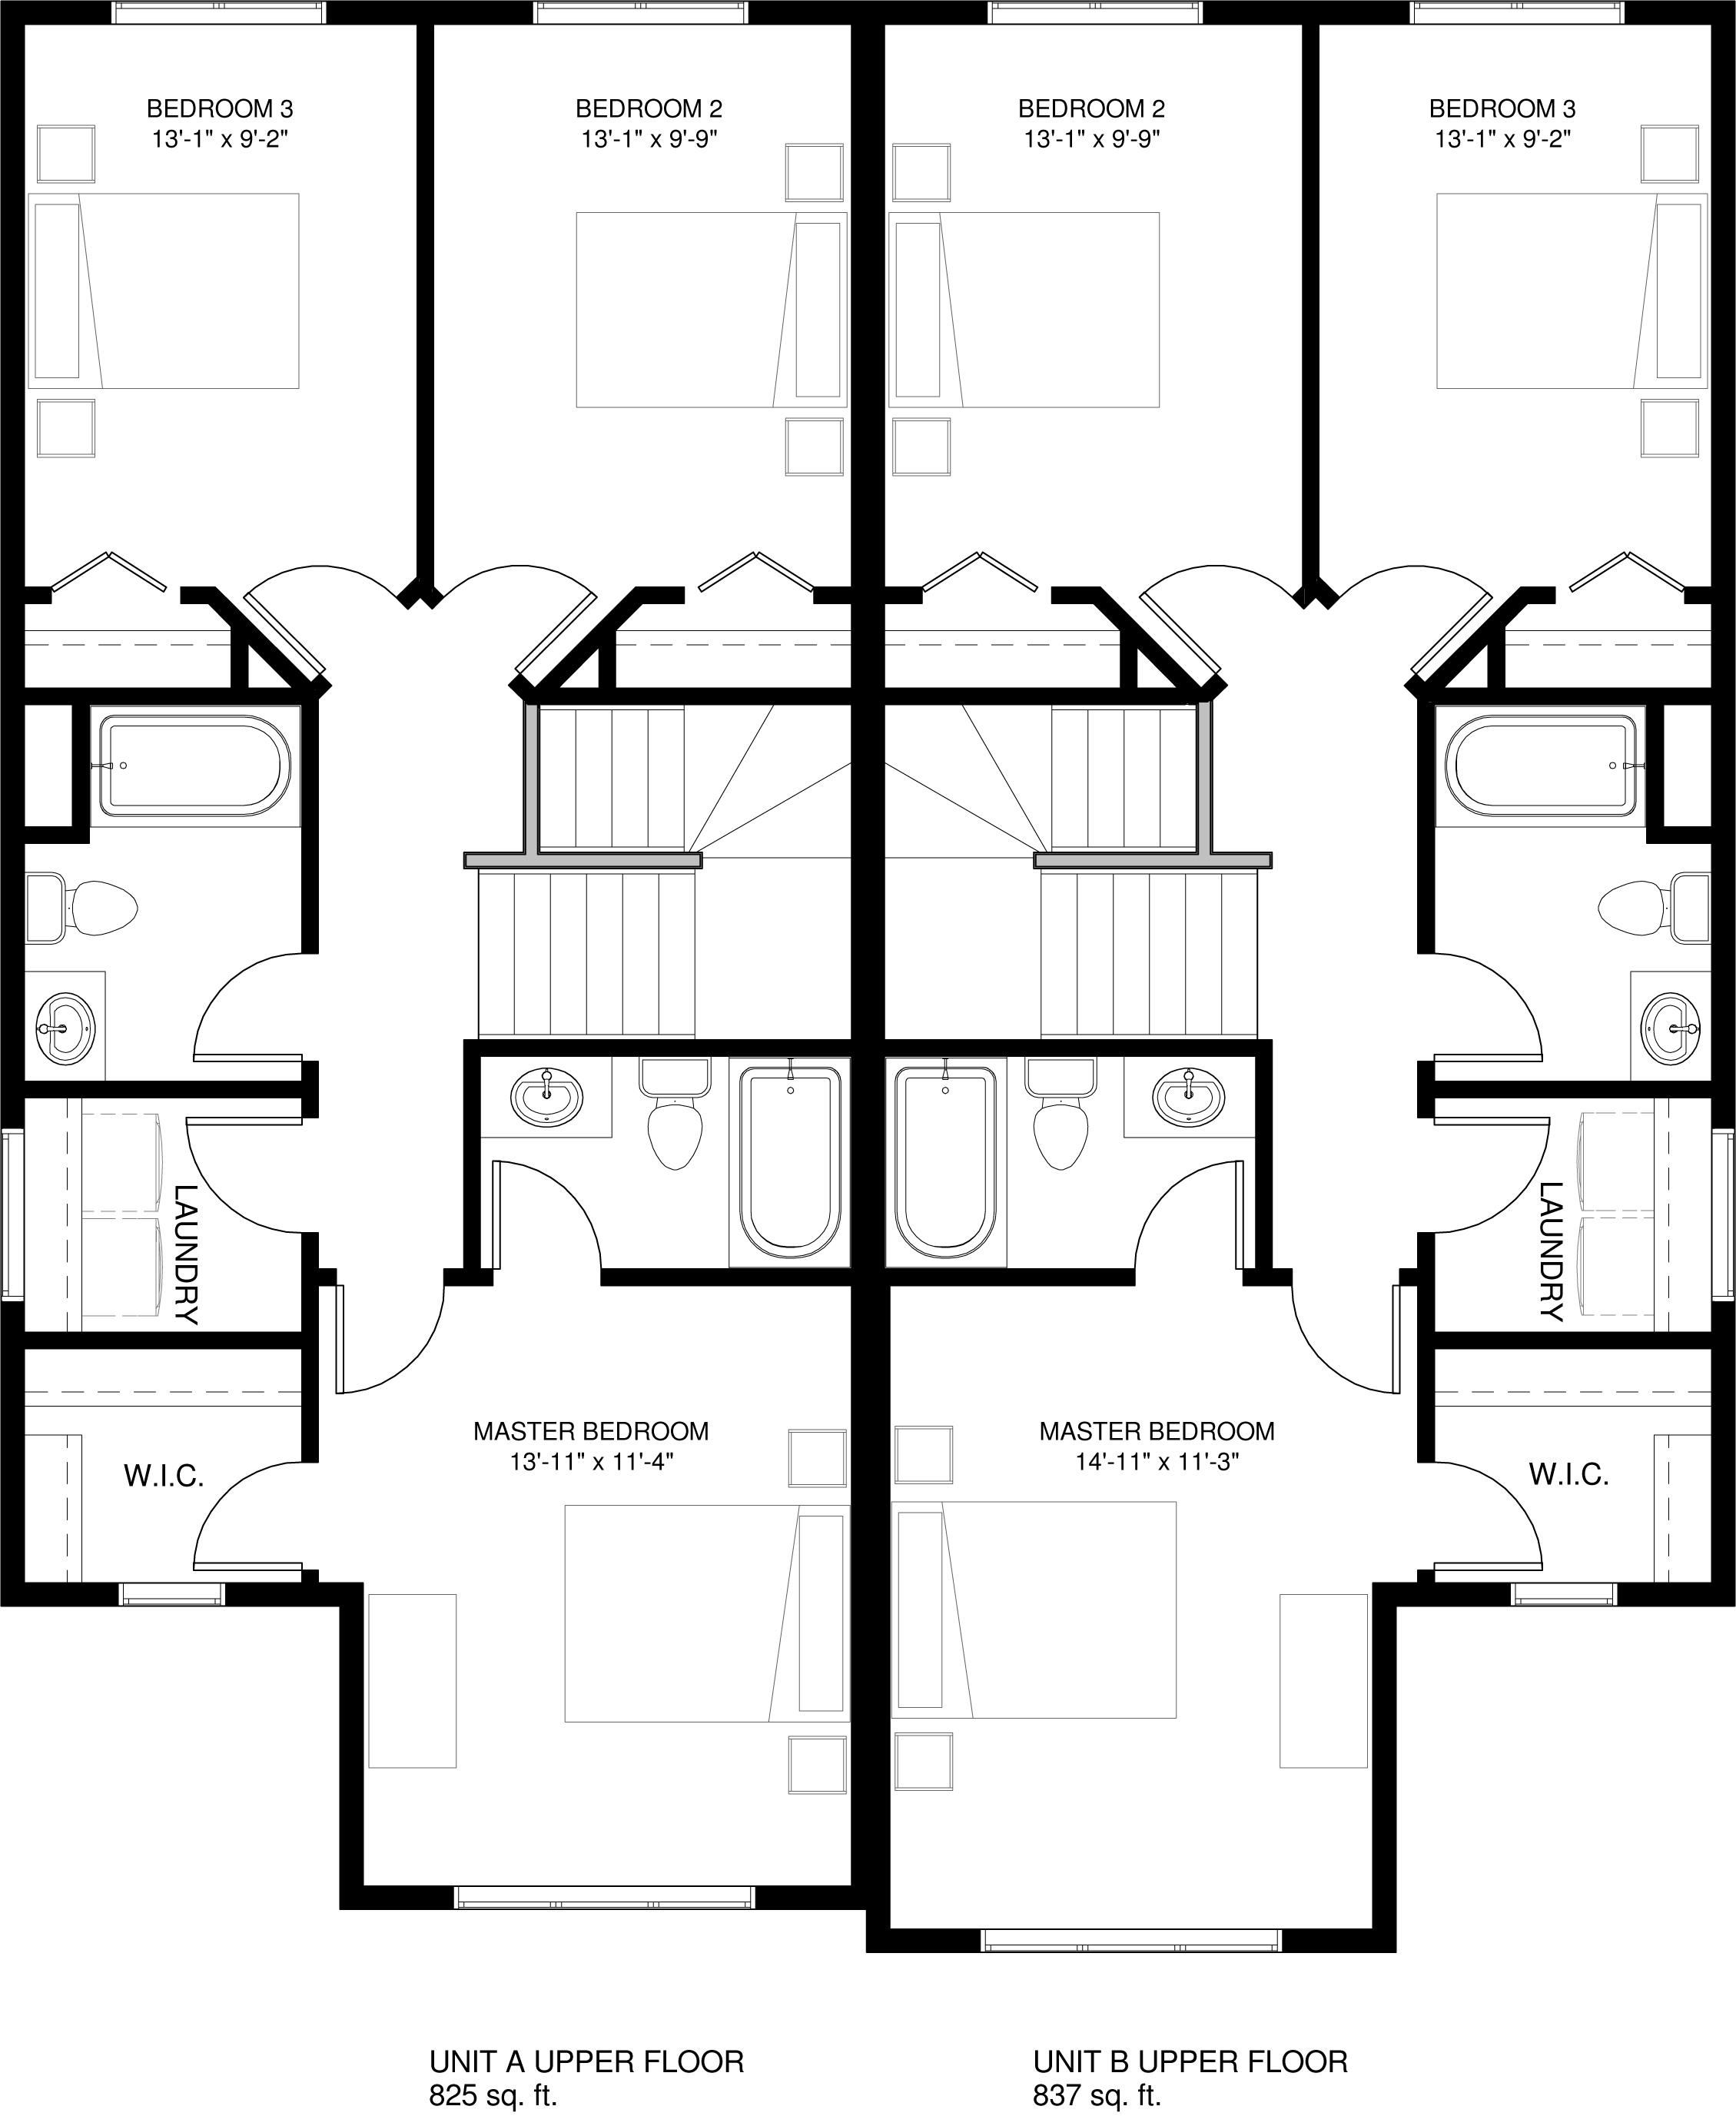 Upper Floor    Unit A 825 sq ft  Unit B 837 sq ft